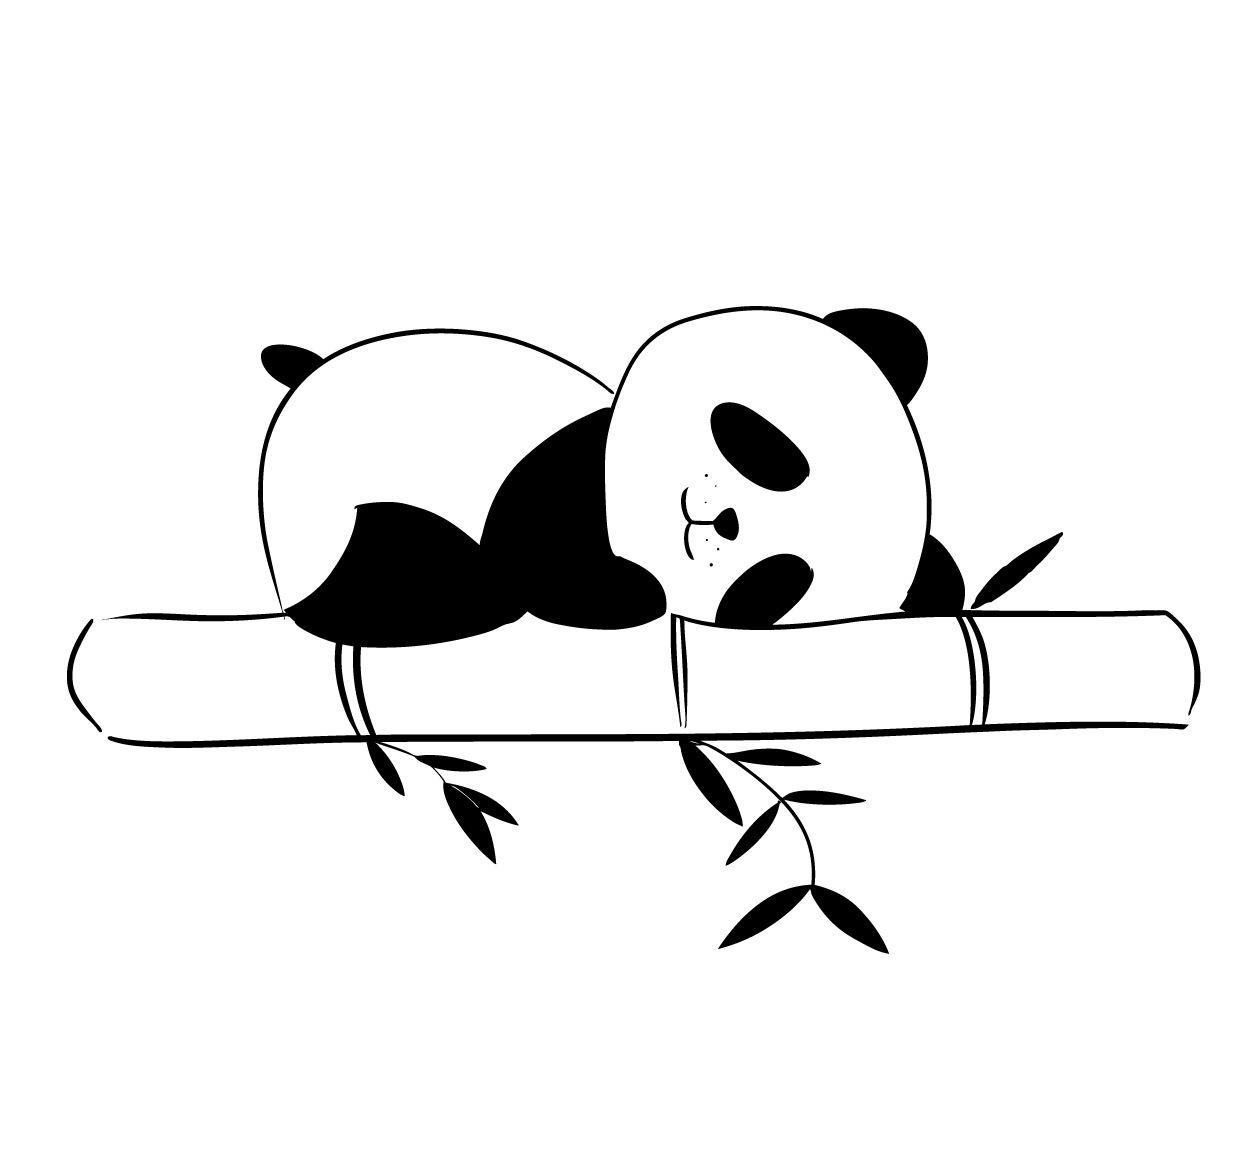 Osito panda dormilón | Osos, Imagenes para tatuajes y Pandas